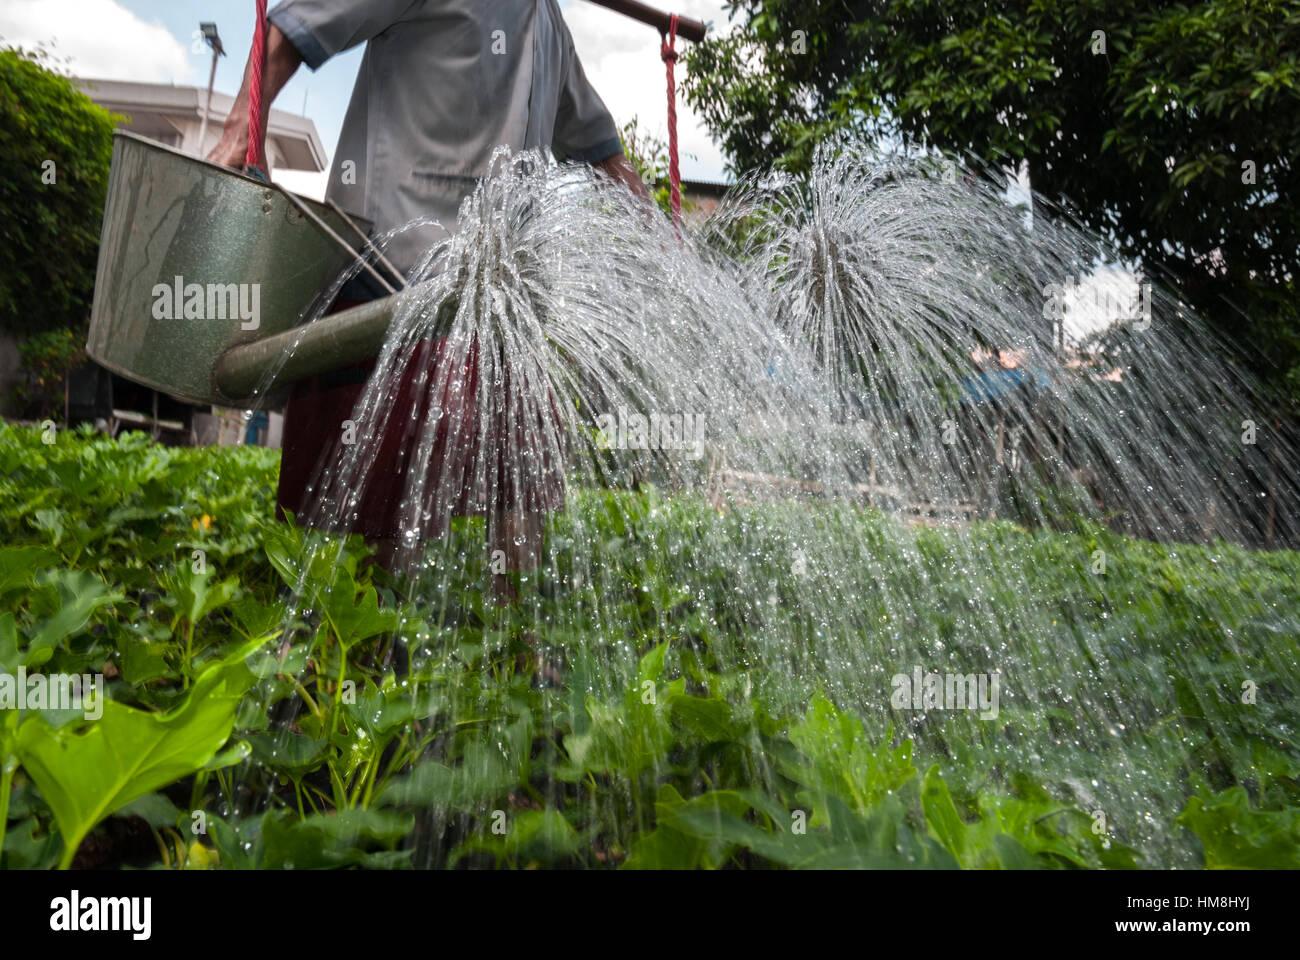 Mann, die Bewässerung von Pflanzen in einer Wohngegend in Jakarta, Indonesien. © Reynold Sumayku Stockbild